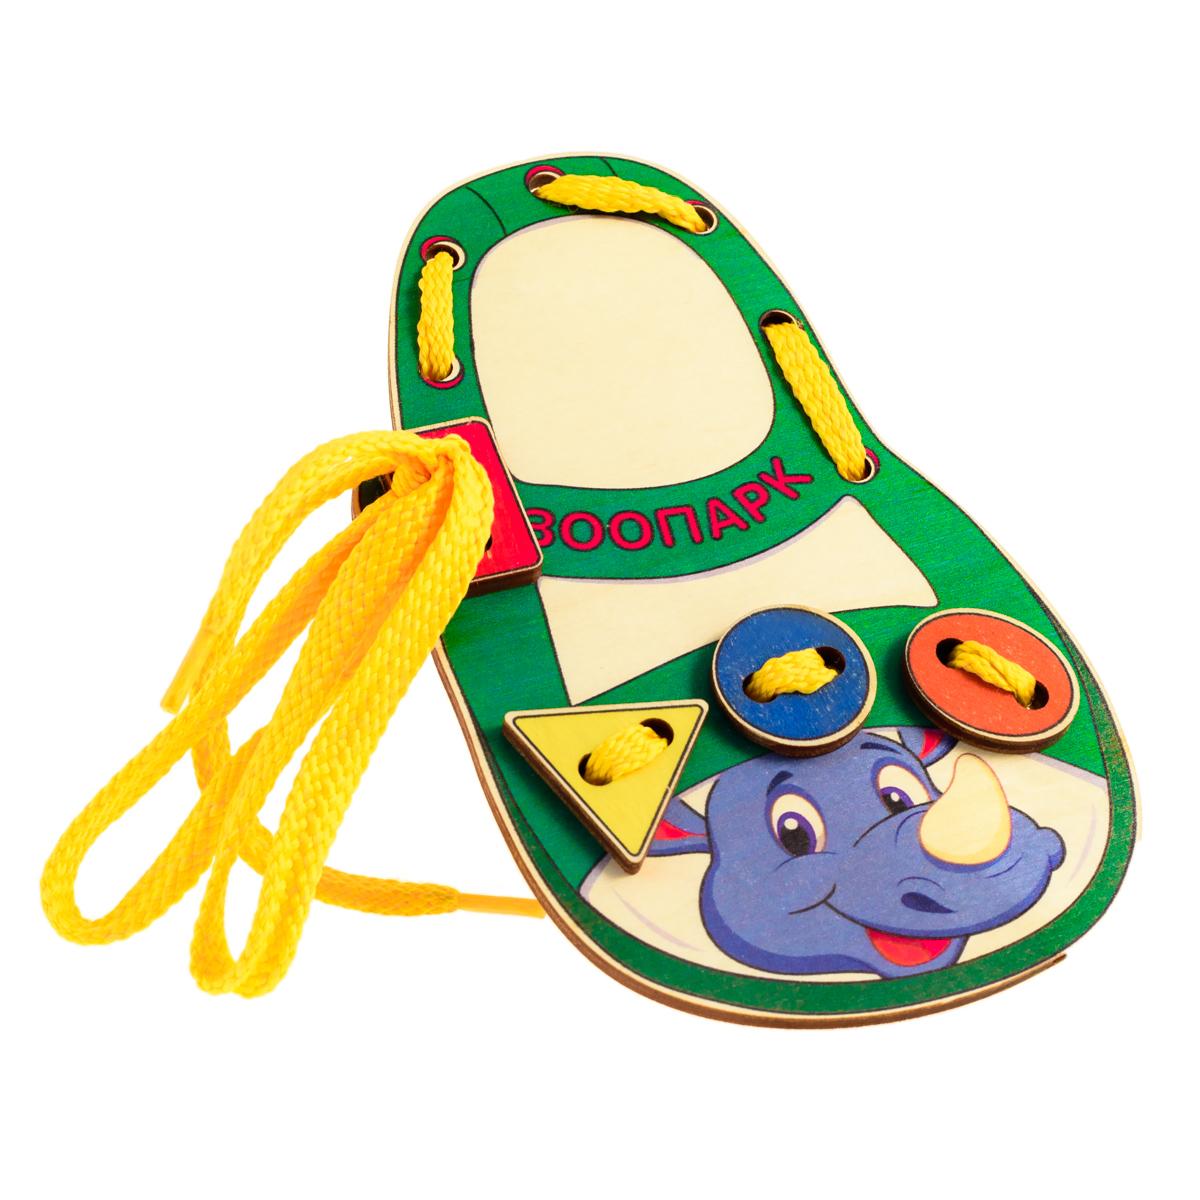 Развивающие деревянные игрушки Шнуровка Башмачок Зоопарк НосорогД513аШнуровка из качественных деревоматериалов - прекрасная игрушка для развития ребенка. Шнуровка-башмачок из обработатнной фанеры непременно станет любимой игрушкой любопытного непоседы. Серия шнуровок ЗООПАРК в виде детского сандалика не только послужит незаменимым пособием для развития моторики ребенка, но и познакомит его с дикими животными и геометрическими фигурами: квадратом, кругом, овалом и треугольником. Насыщенные цвета и разнообразные формы будут стимулировать детское воображение и фантазию, развивать внимание, цветовое восприятие, моторику и координацию. ВНИМАНИЕ! Детали игрушки выполнены из натурального дерева (деревоматериала) без покрытия лаками или другими химическими составами. Перед использованием удалите остатки древесины и древесную пыль, тщательно протерев детали игрушки мягкой тканью!